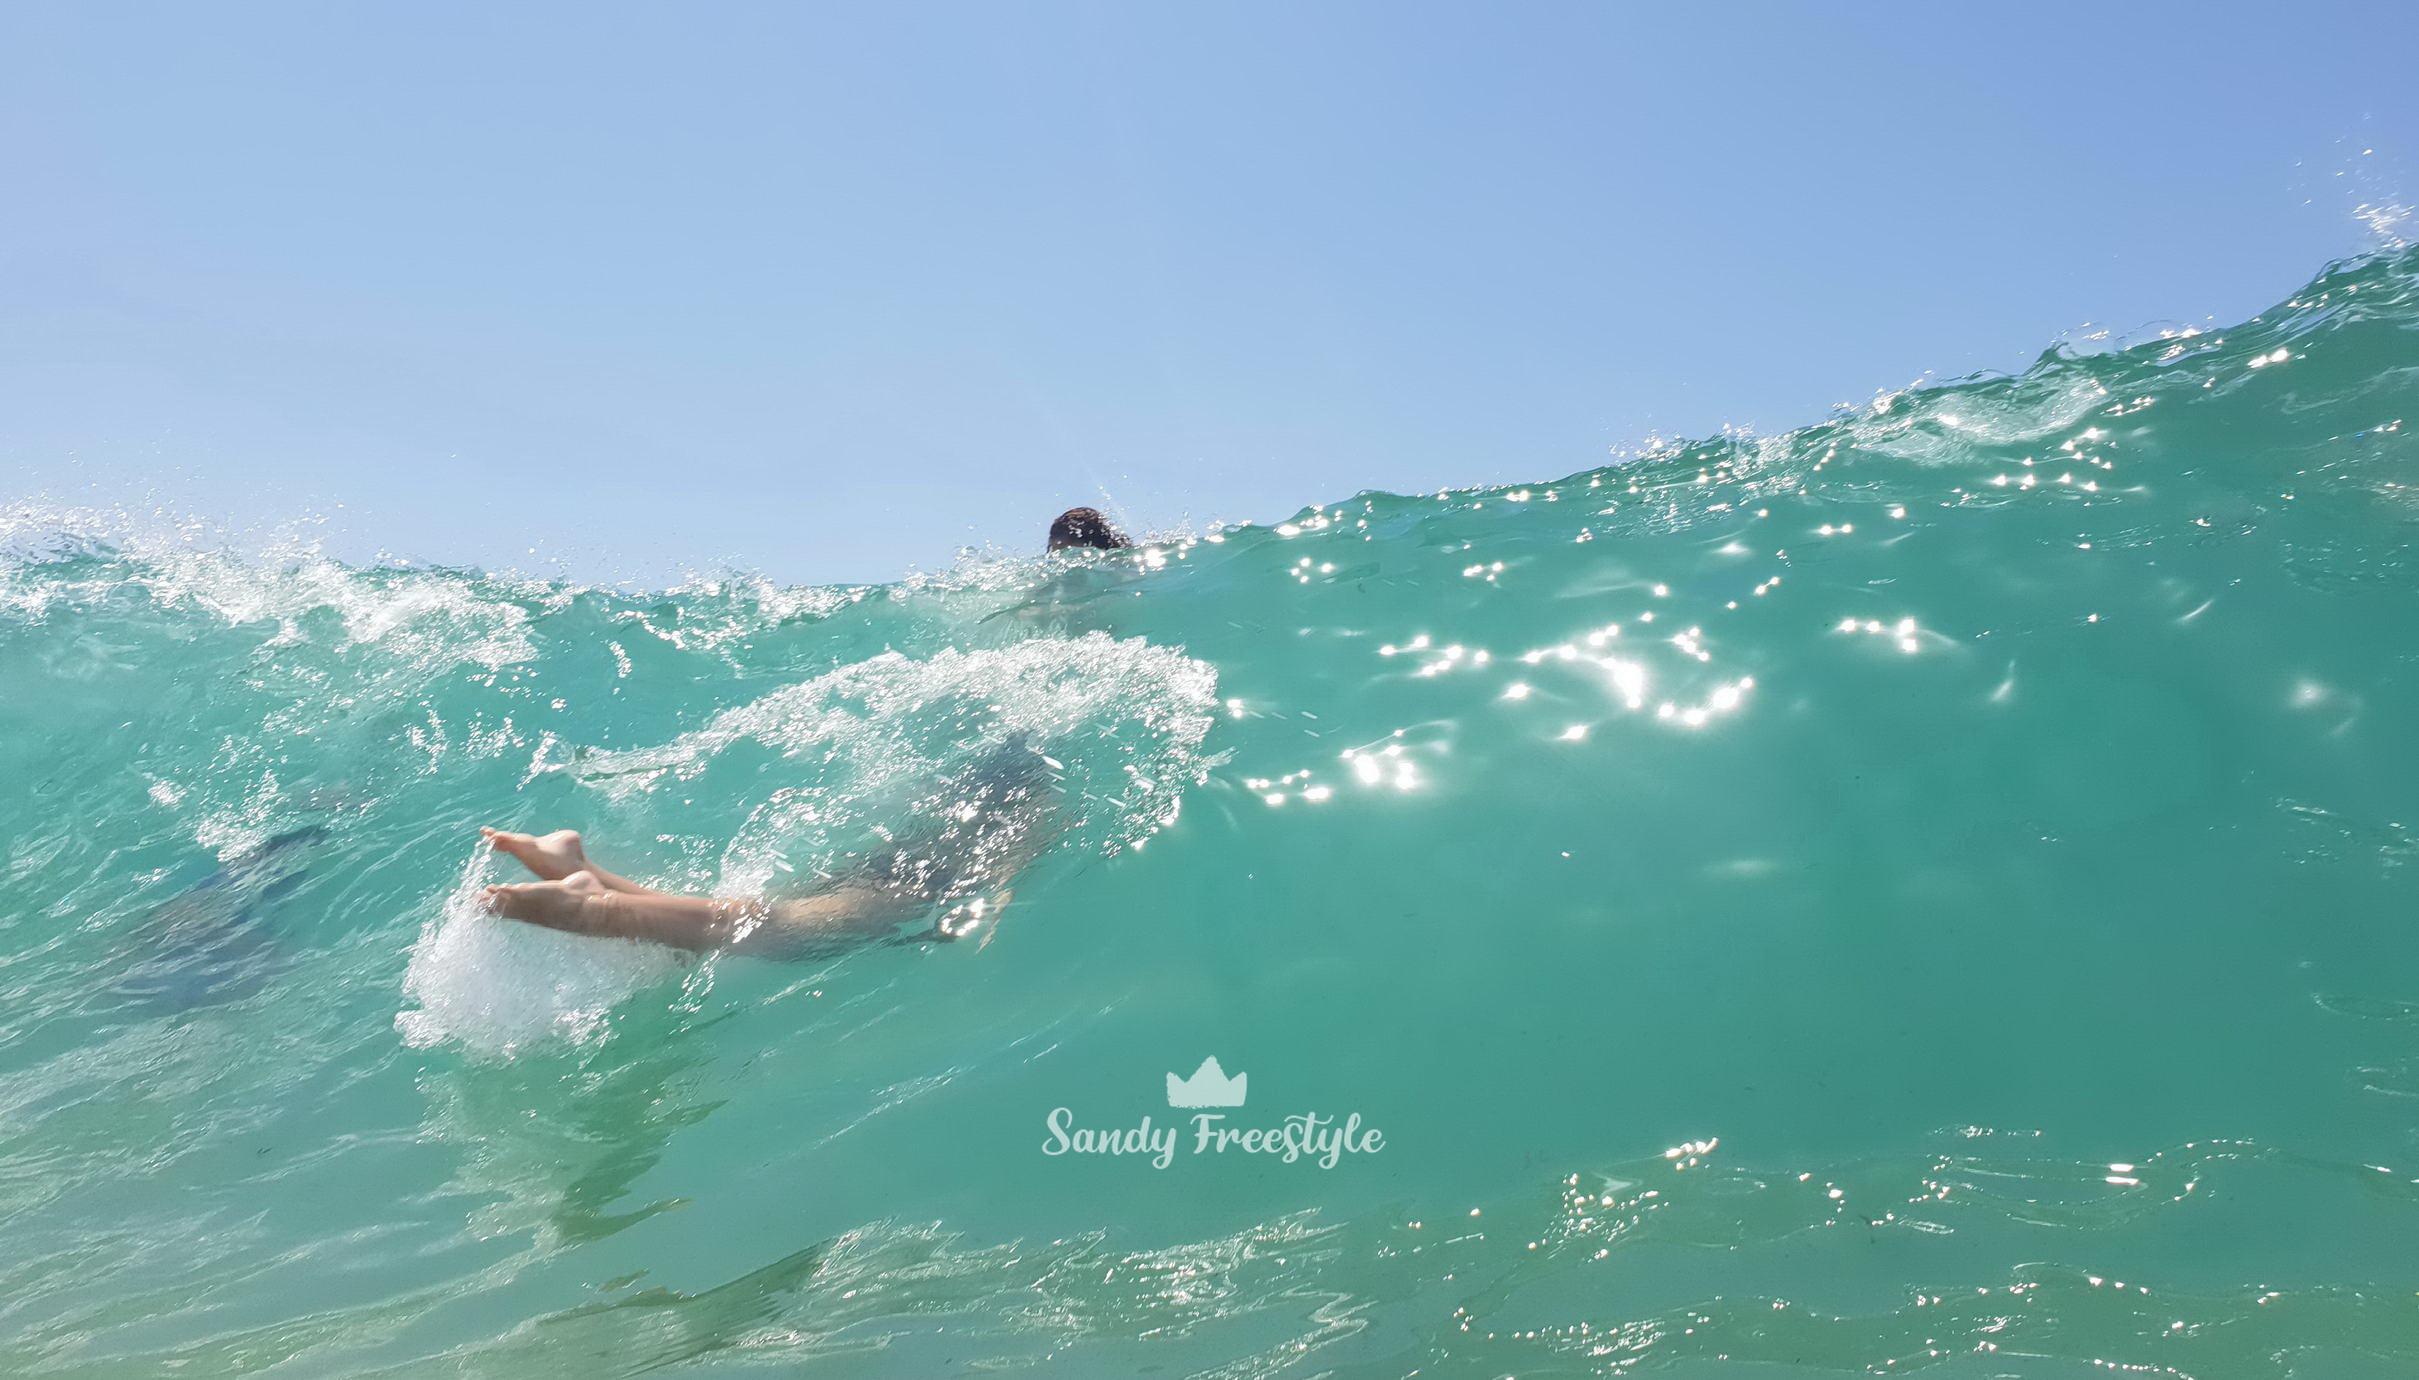 เที่ยวทะเลซิดนีย์ Sydney 10 เหตุผล ทำไมร่างกายต้องการทะเล ไปเที่ยว Beach กันเถอะ